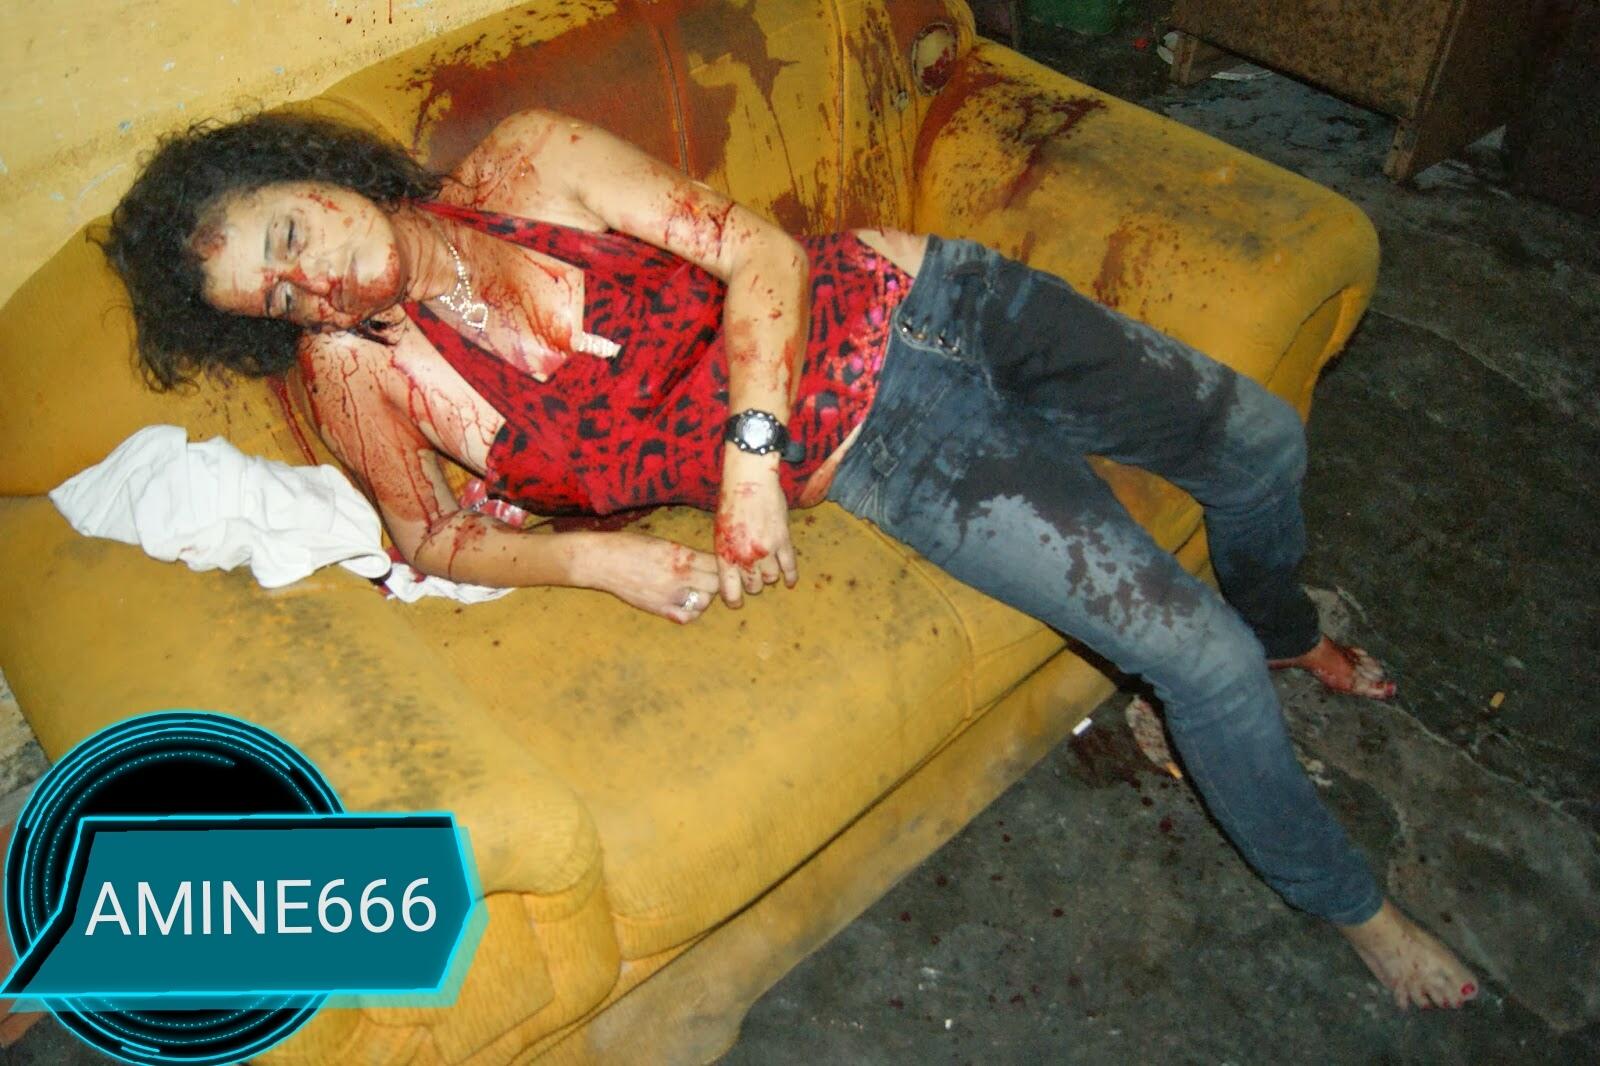 【閲覧注意】麻薬絡みのトラブルで殺された外国人女性、表情ヤバい・・・・・(画像)・4枚目